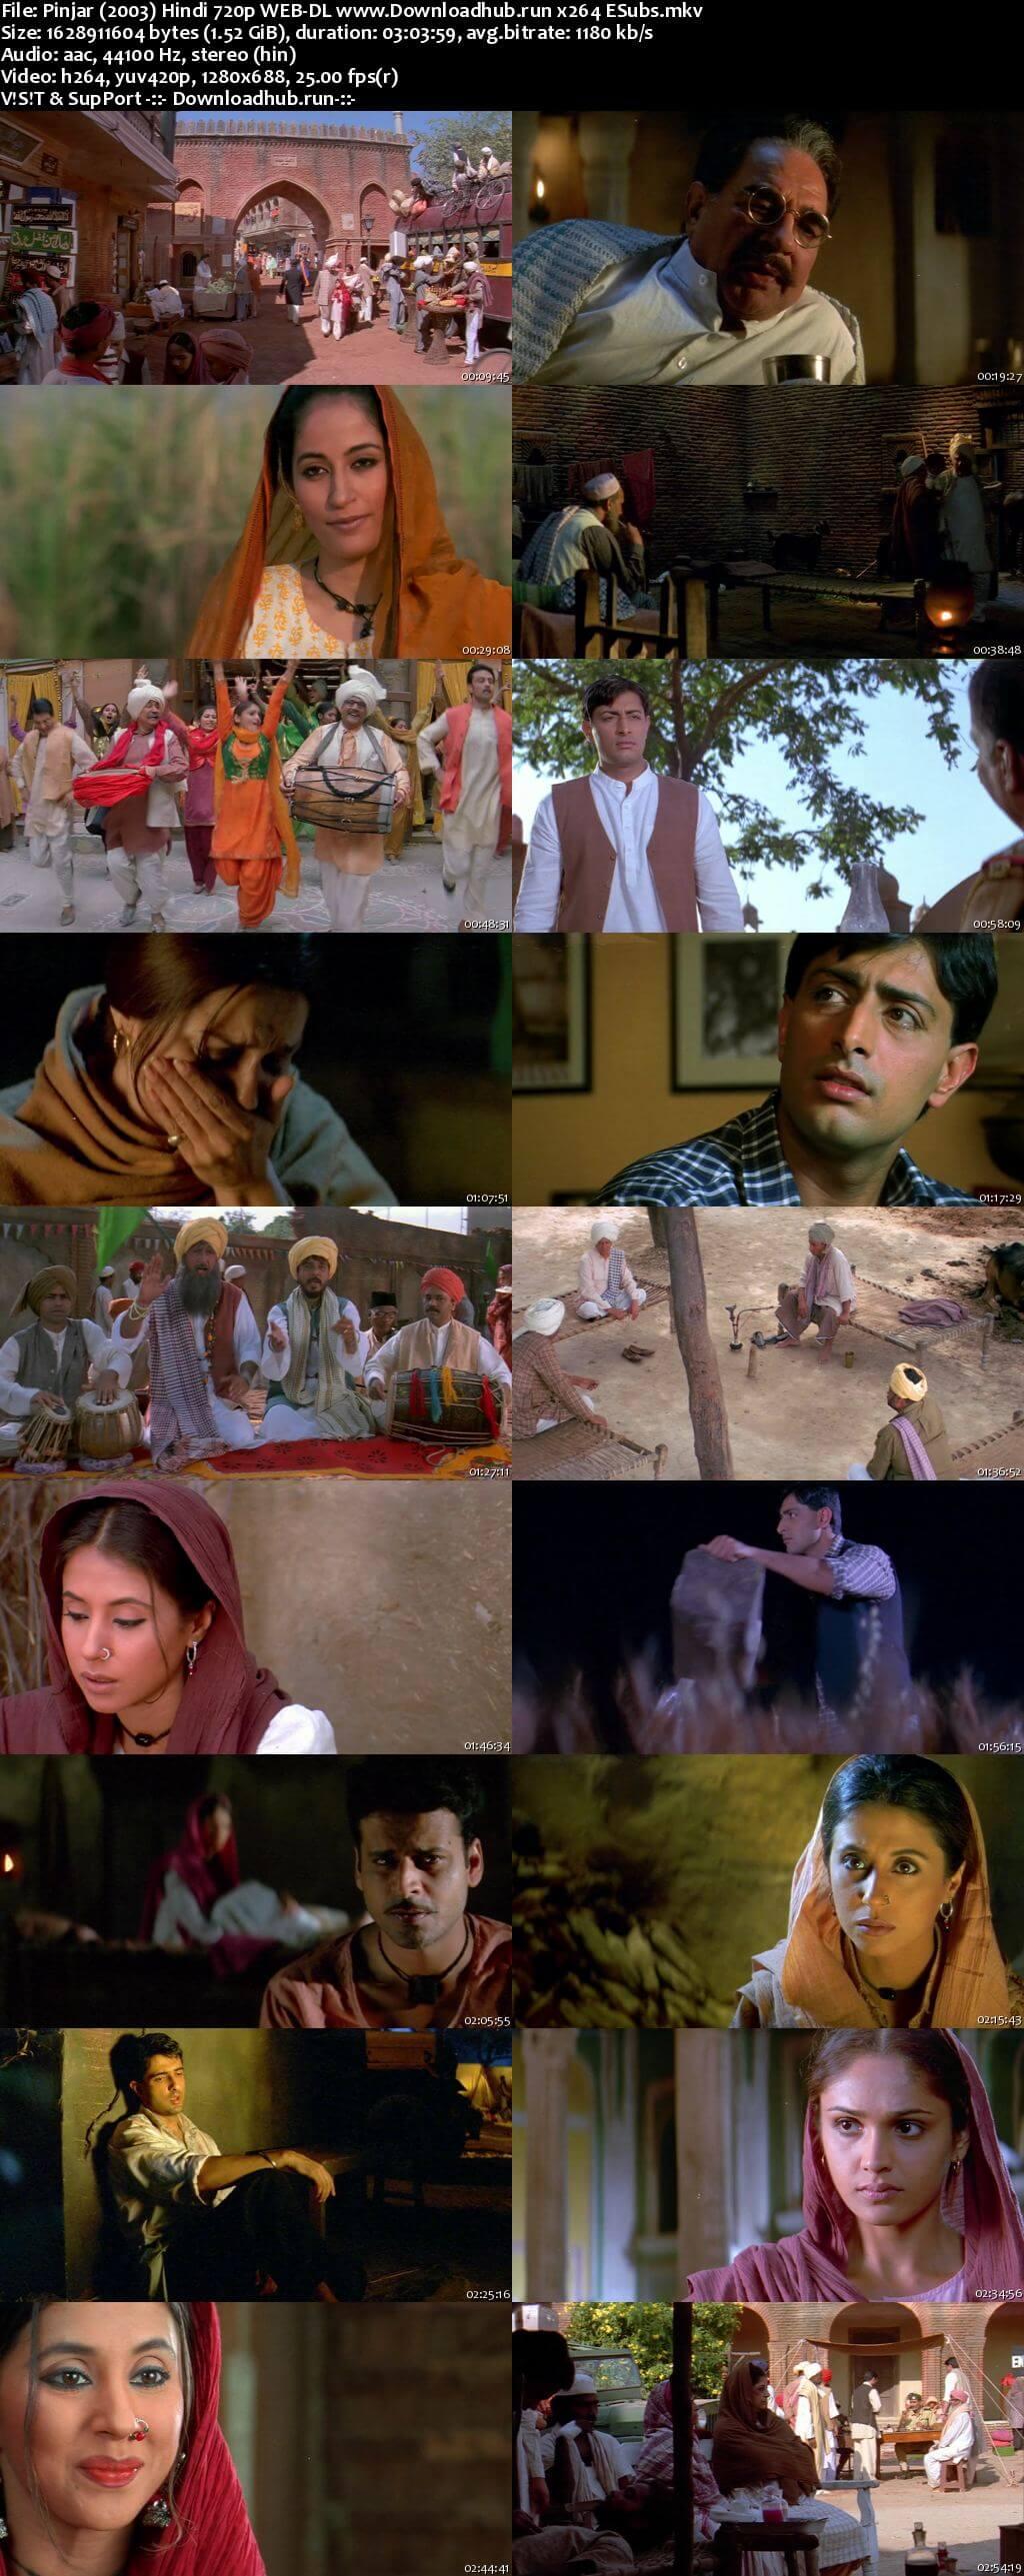 Pinjar 2003 Hindi 720p HDRip ESubs